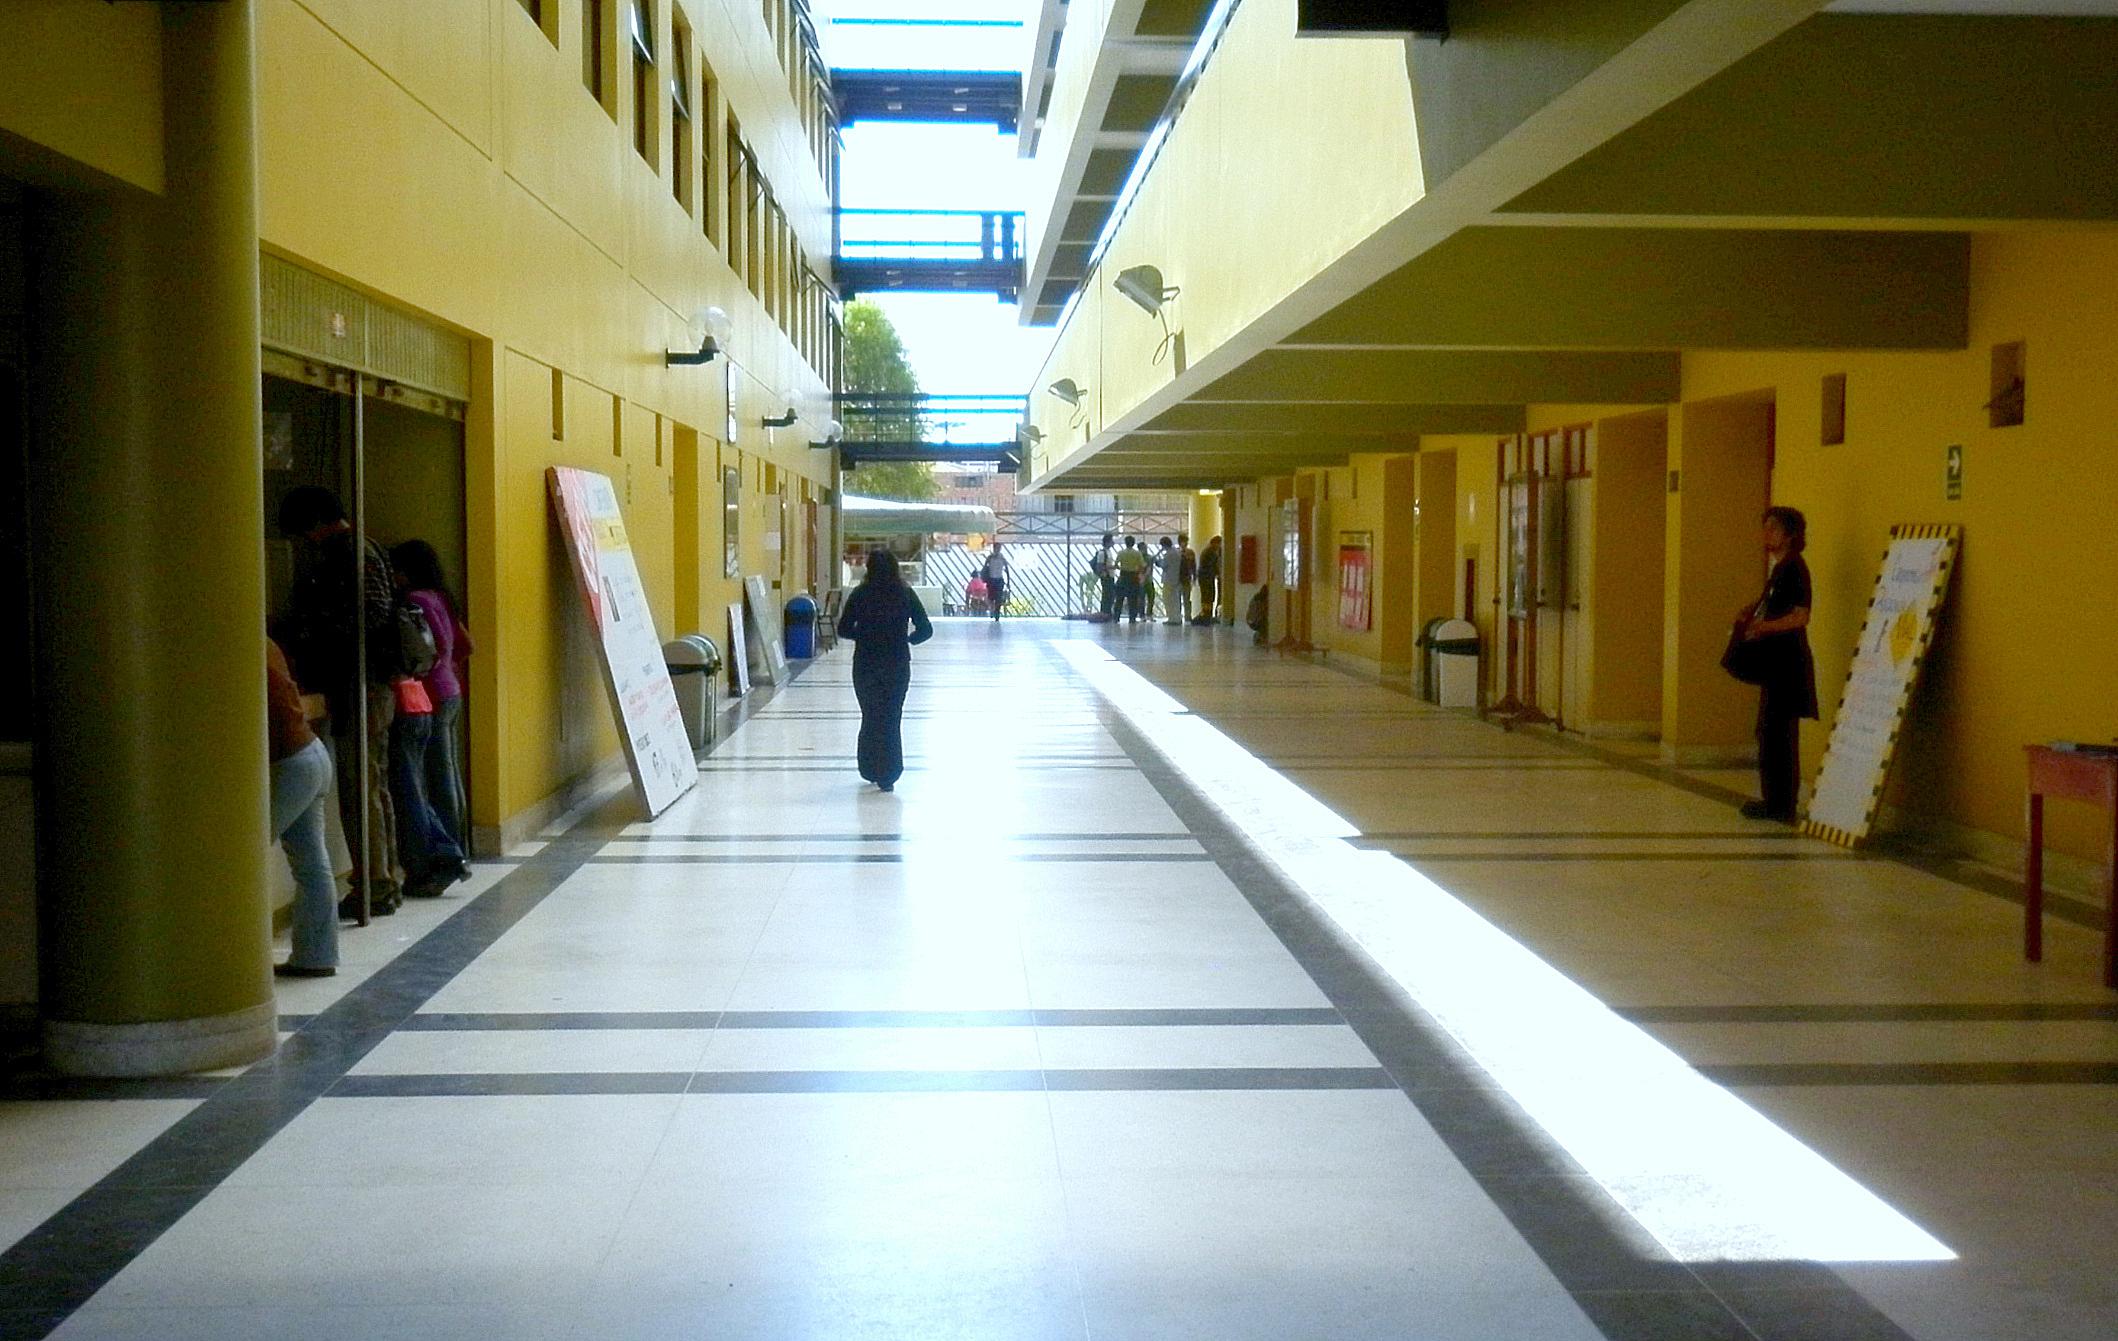 facultad de psicologia de la universidad de granada: